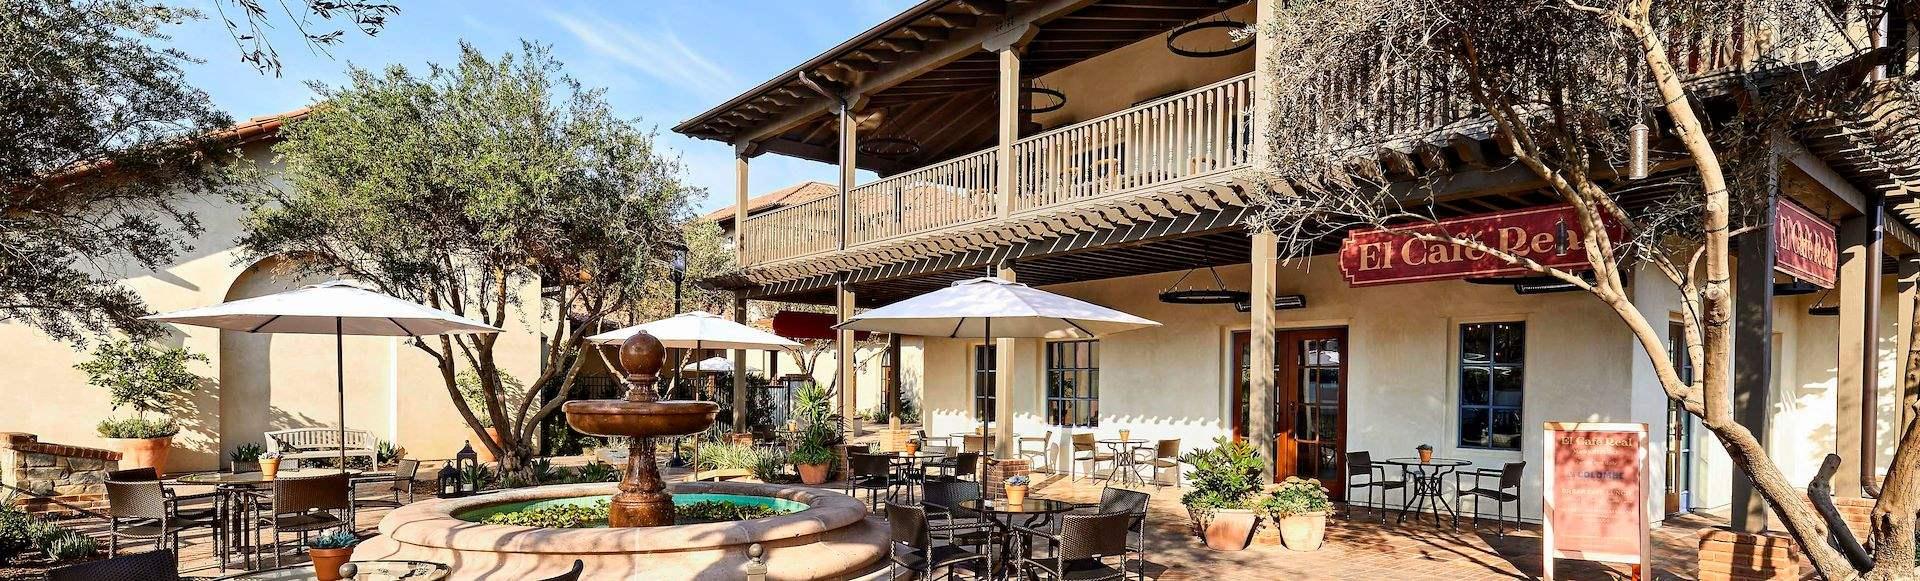 Cafe Real at San Juan Capistrano, California Hotel